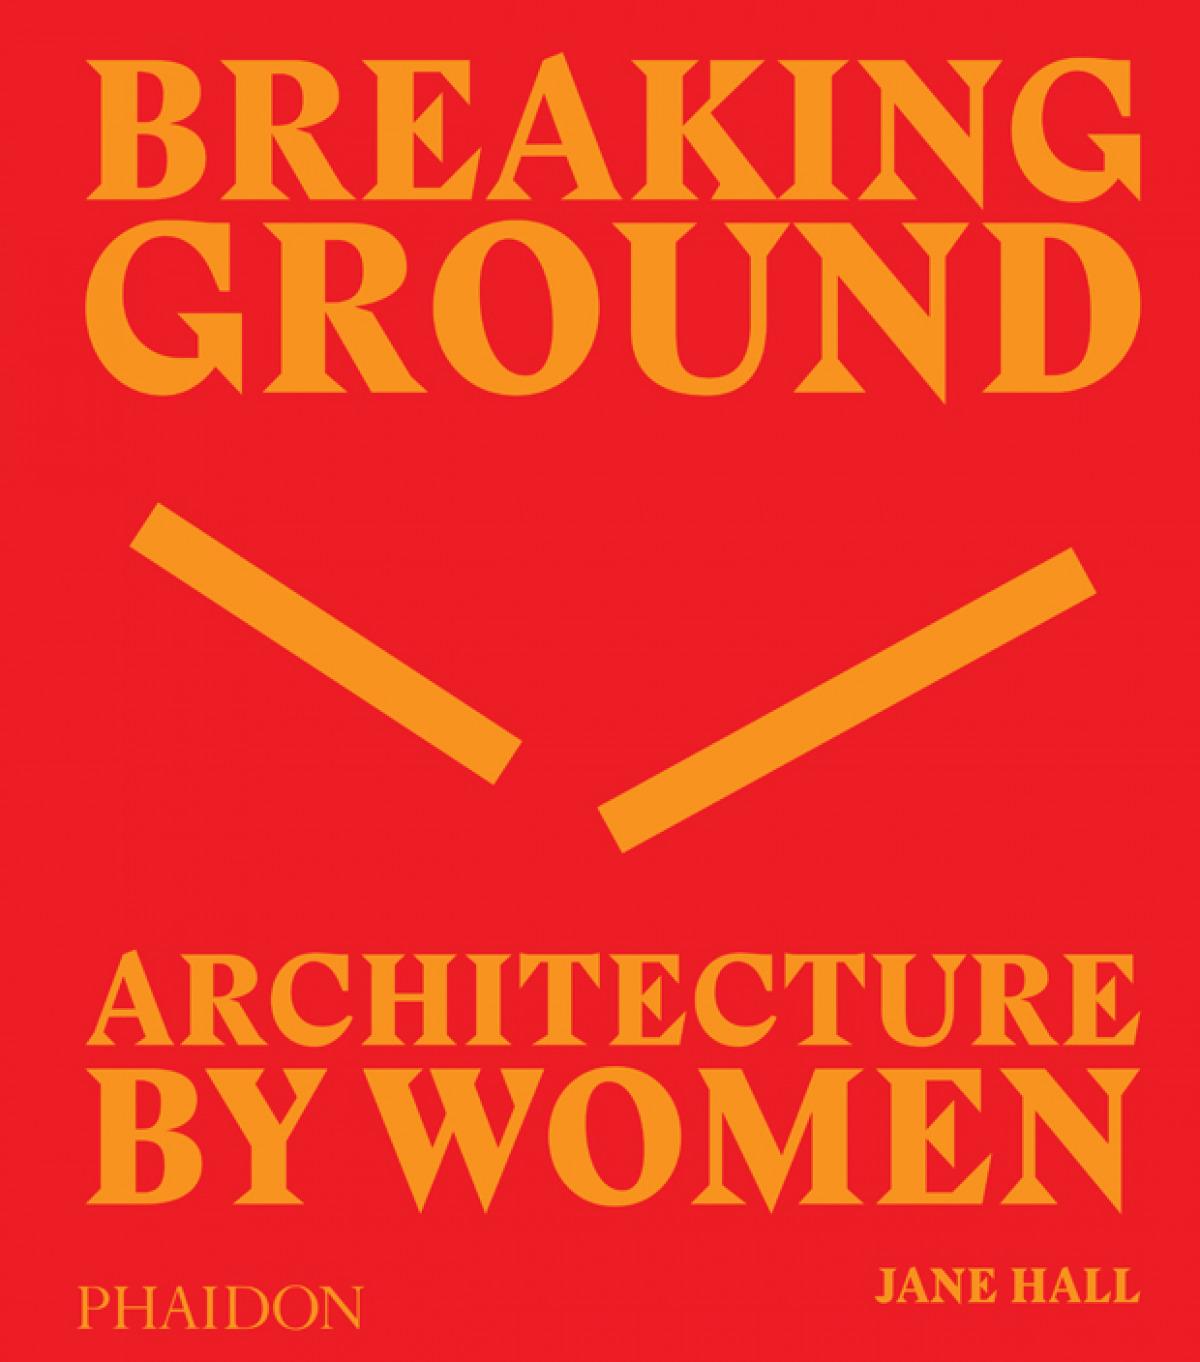 BREAKING GROUND ARCHITECTURE BYWOMEN